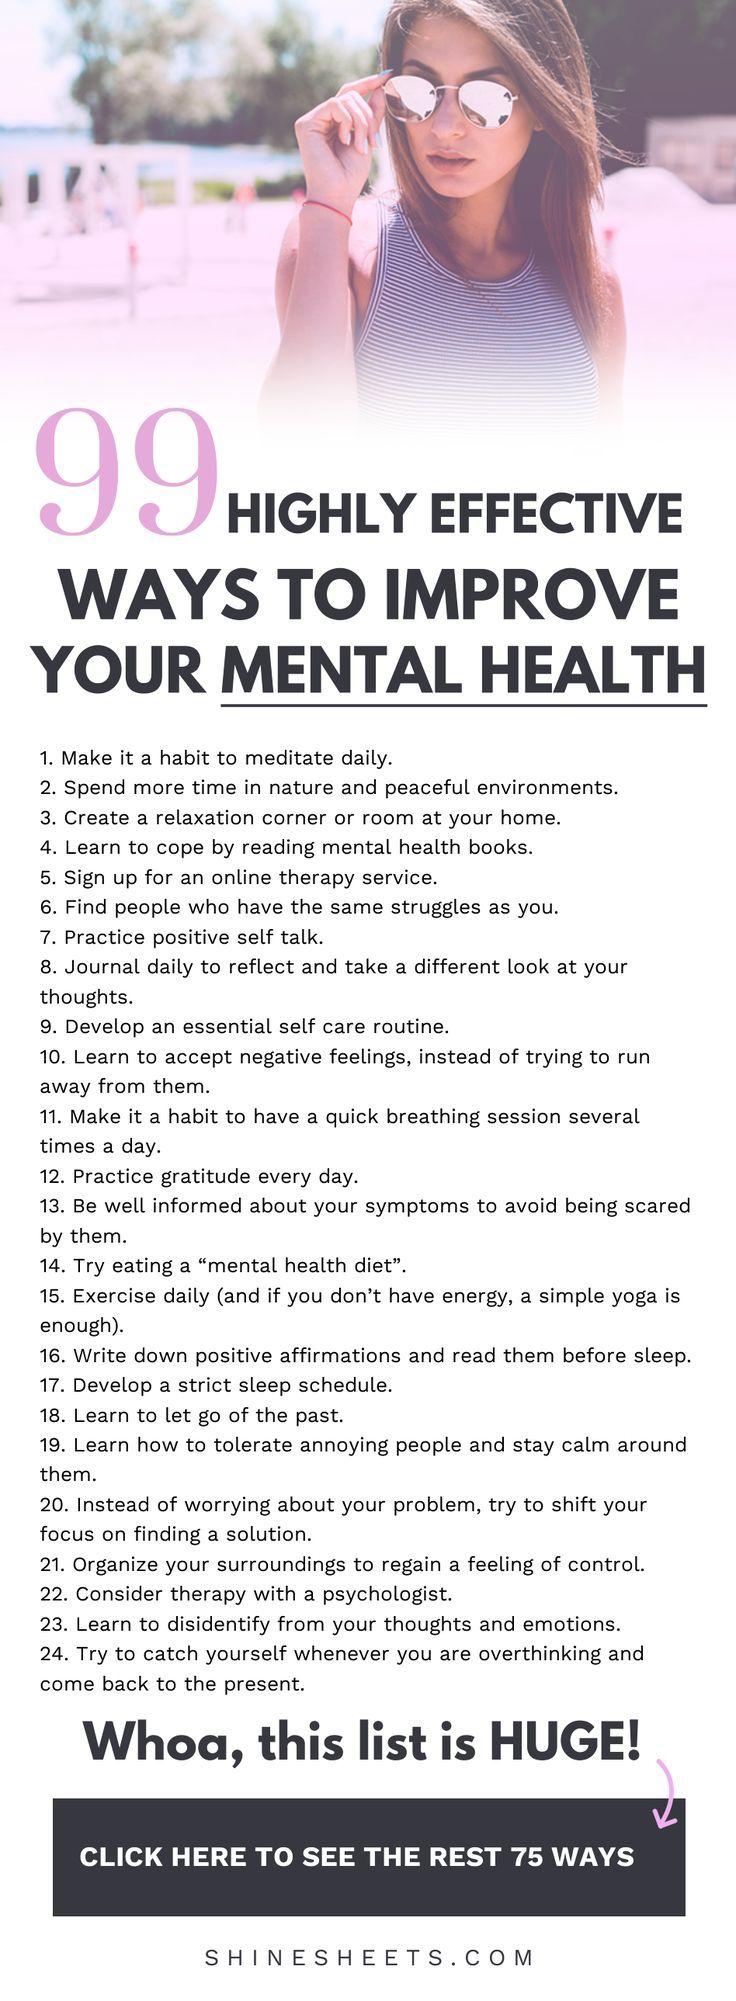 Holen Sie sich beruhigende, wohltuende Möglichkeiten, um Ihre geistige Gesundheit zu verbessern, Ihre Emotionen auszugleichen …   – LIFE LESSONS + MENTAL WELLNESS